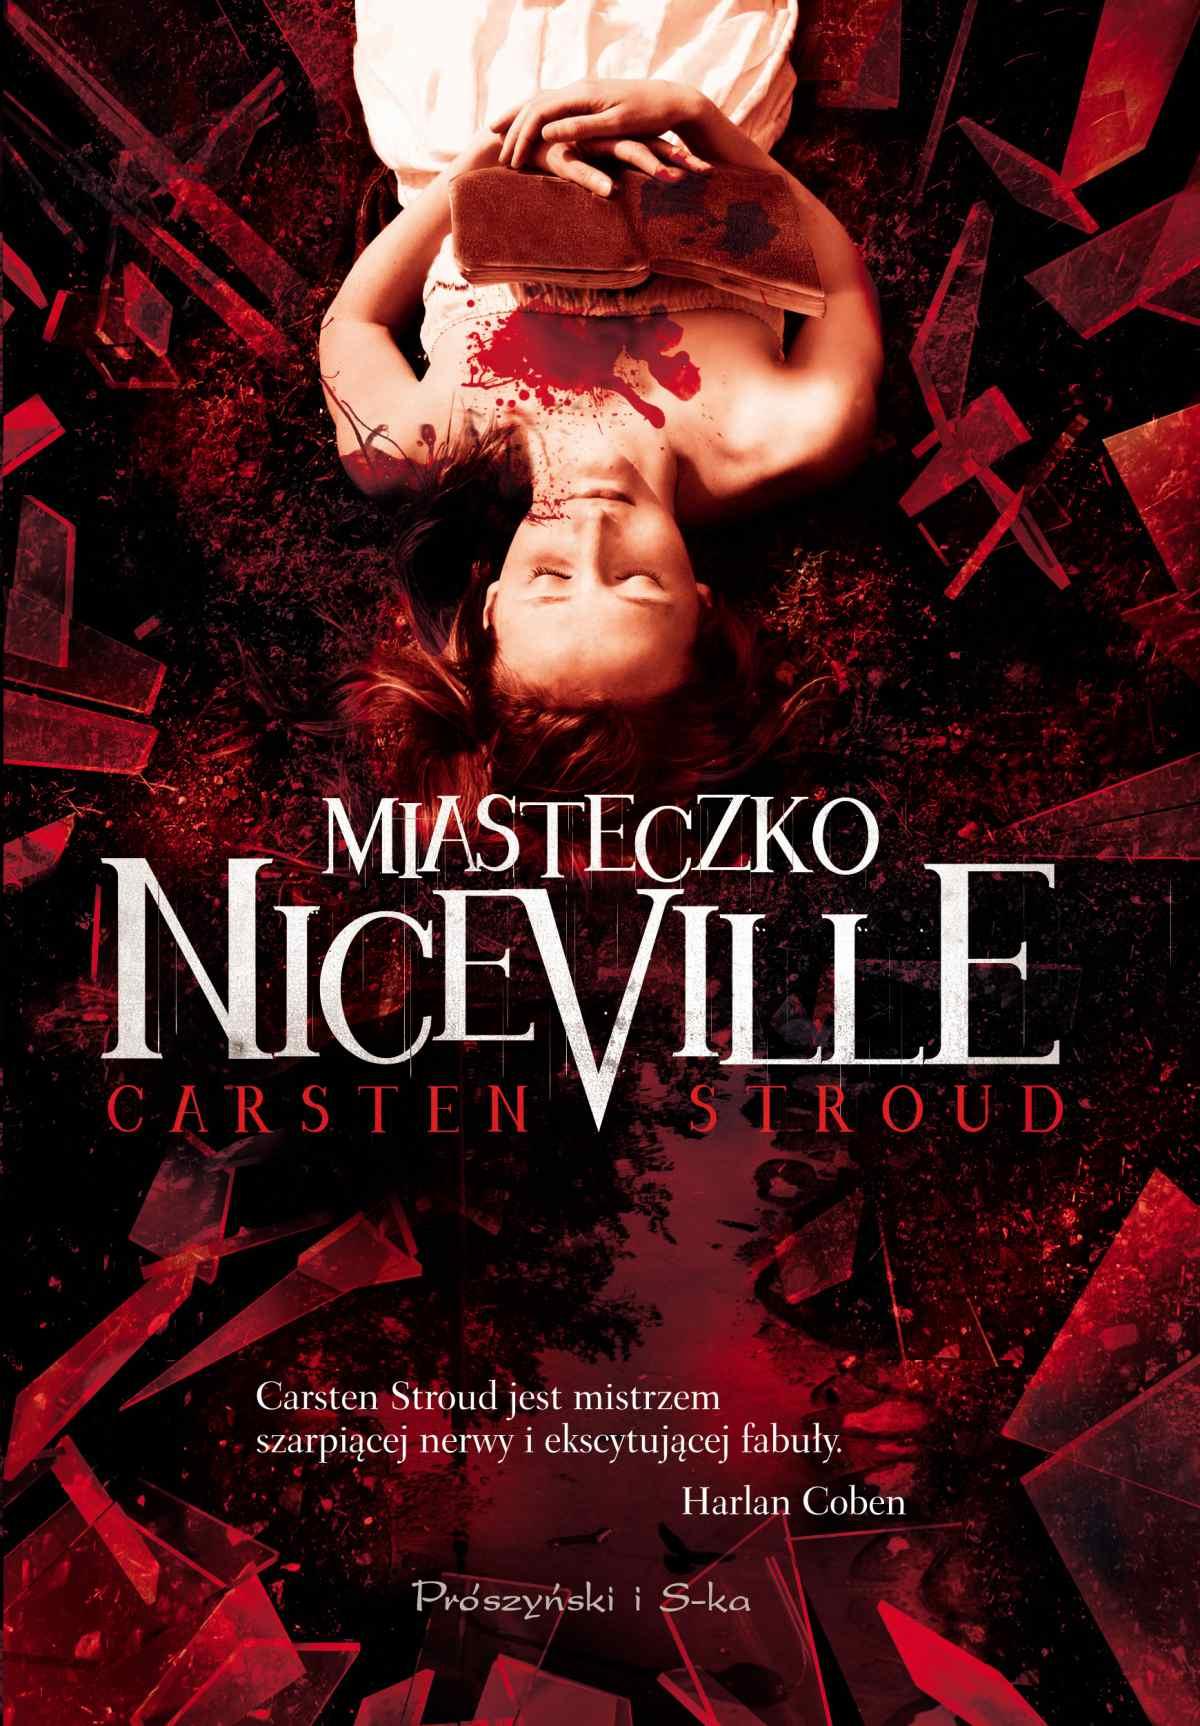 Miasteczko Niceville - Ebook (Książka EPUB) do pobrania w formacie EPUB